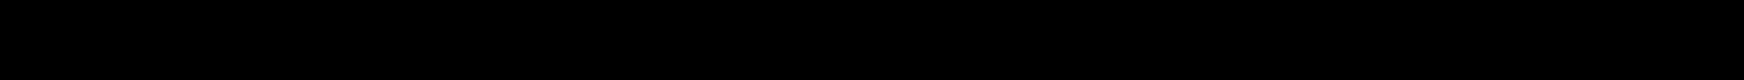 CFPanoptik-Light.otf